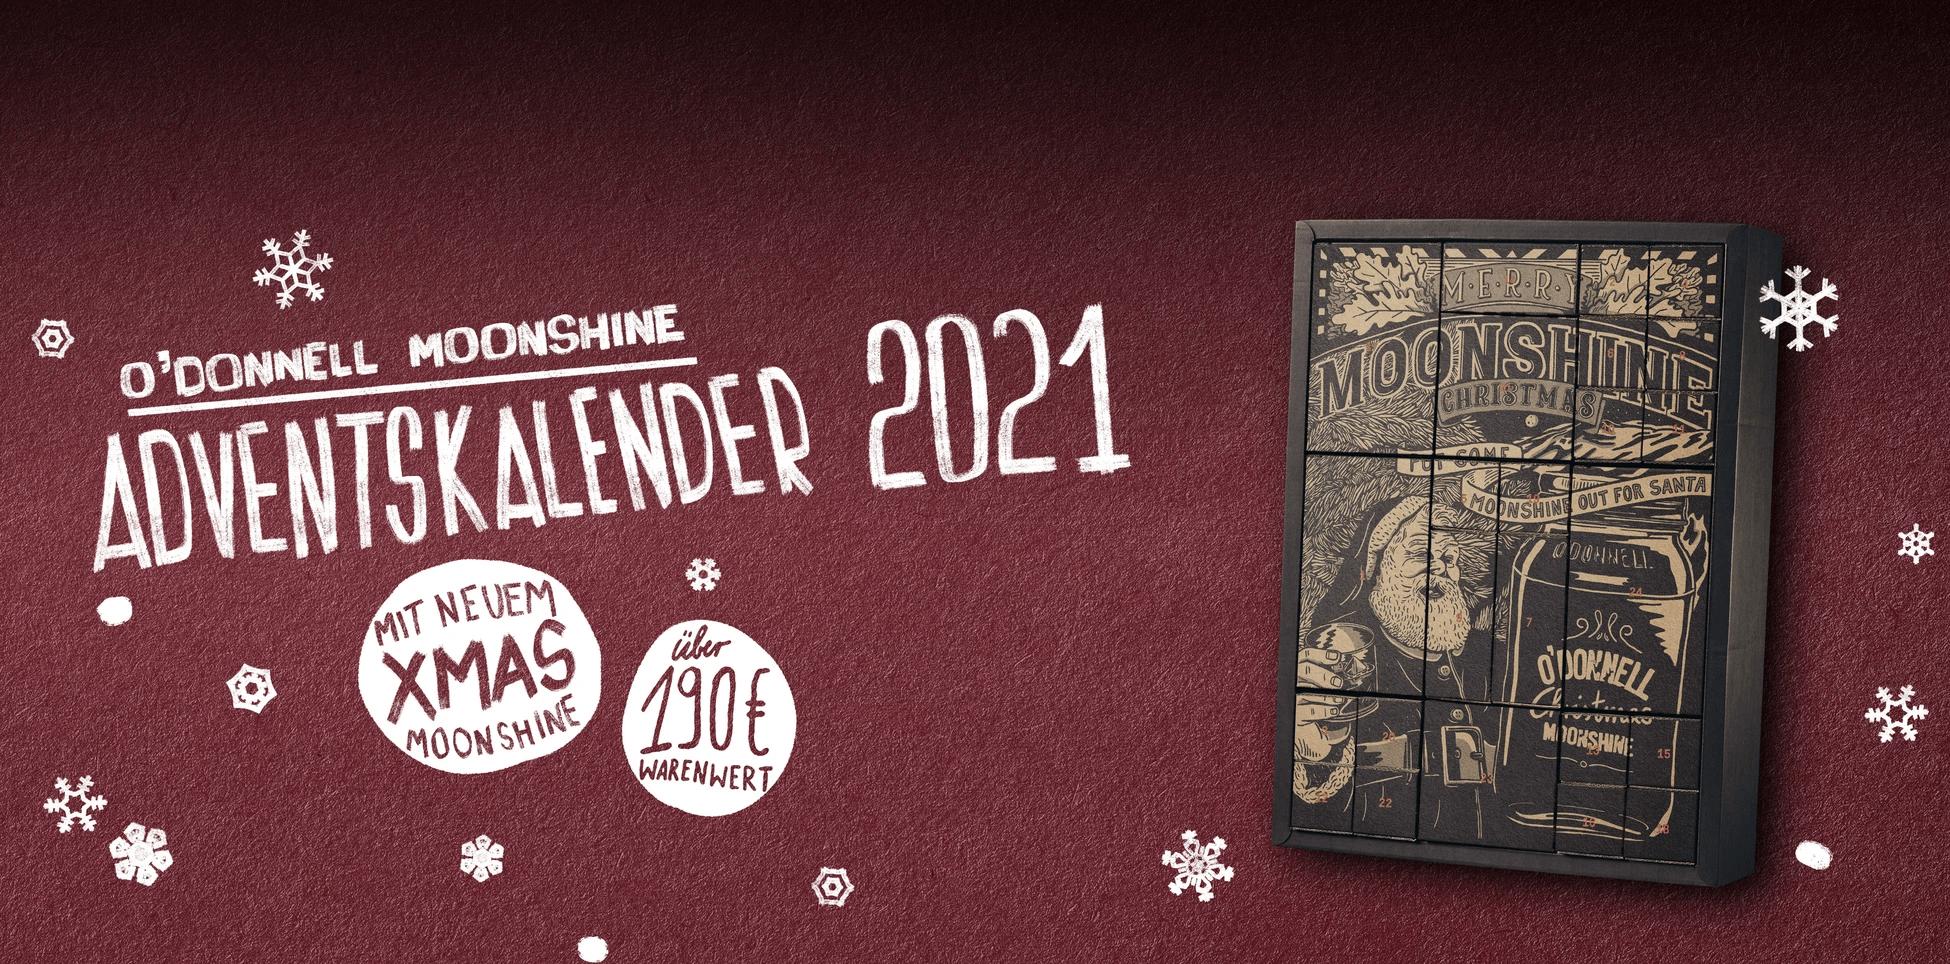 O´Donnell Moonshine - Adventskalender 2021